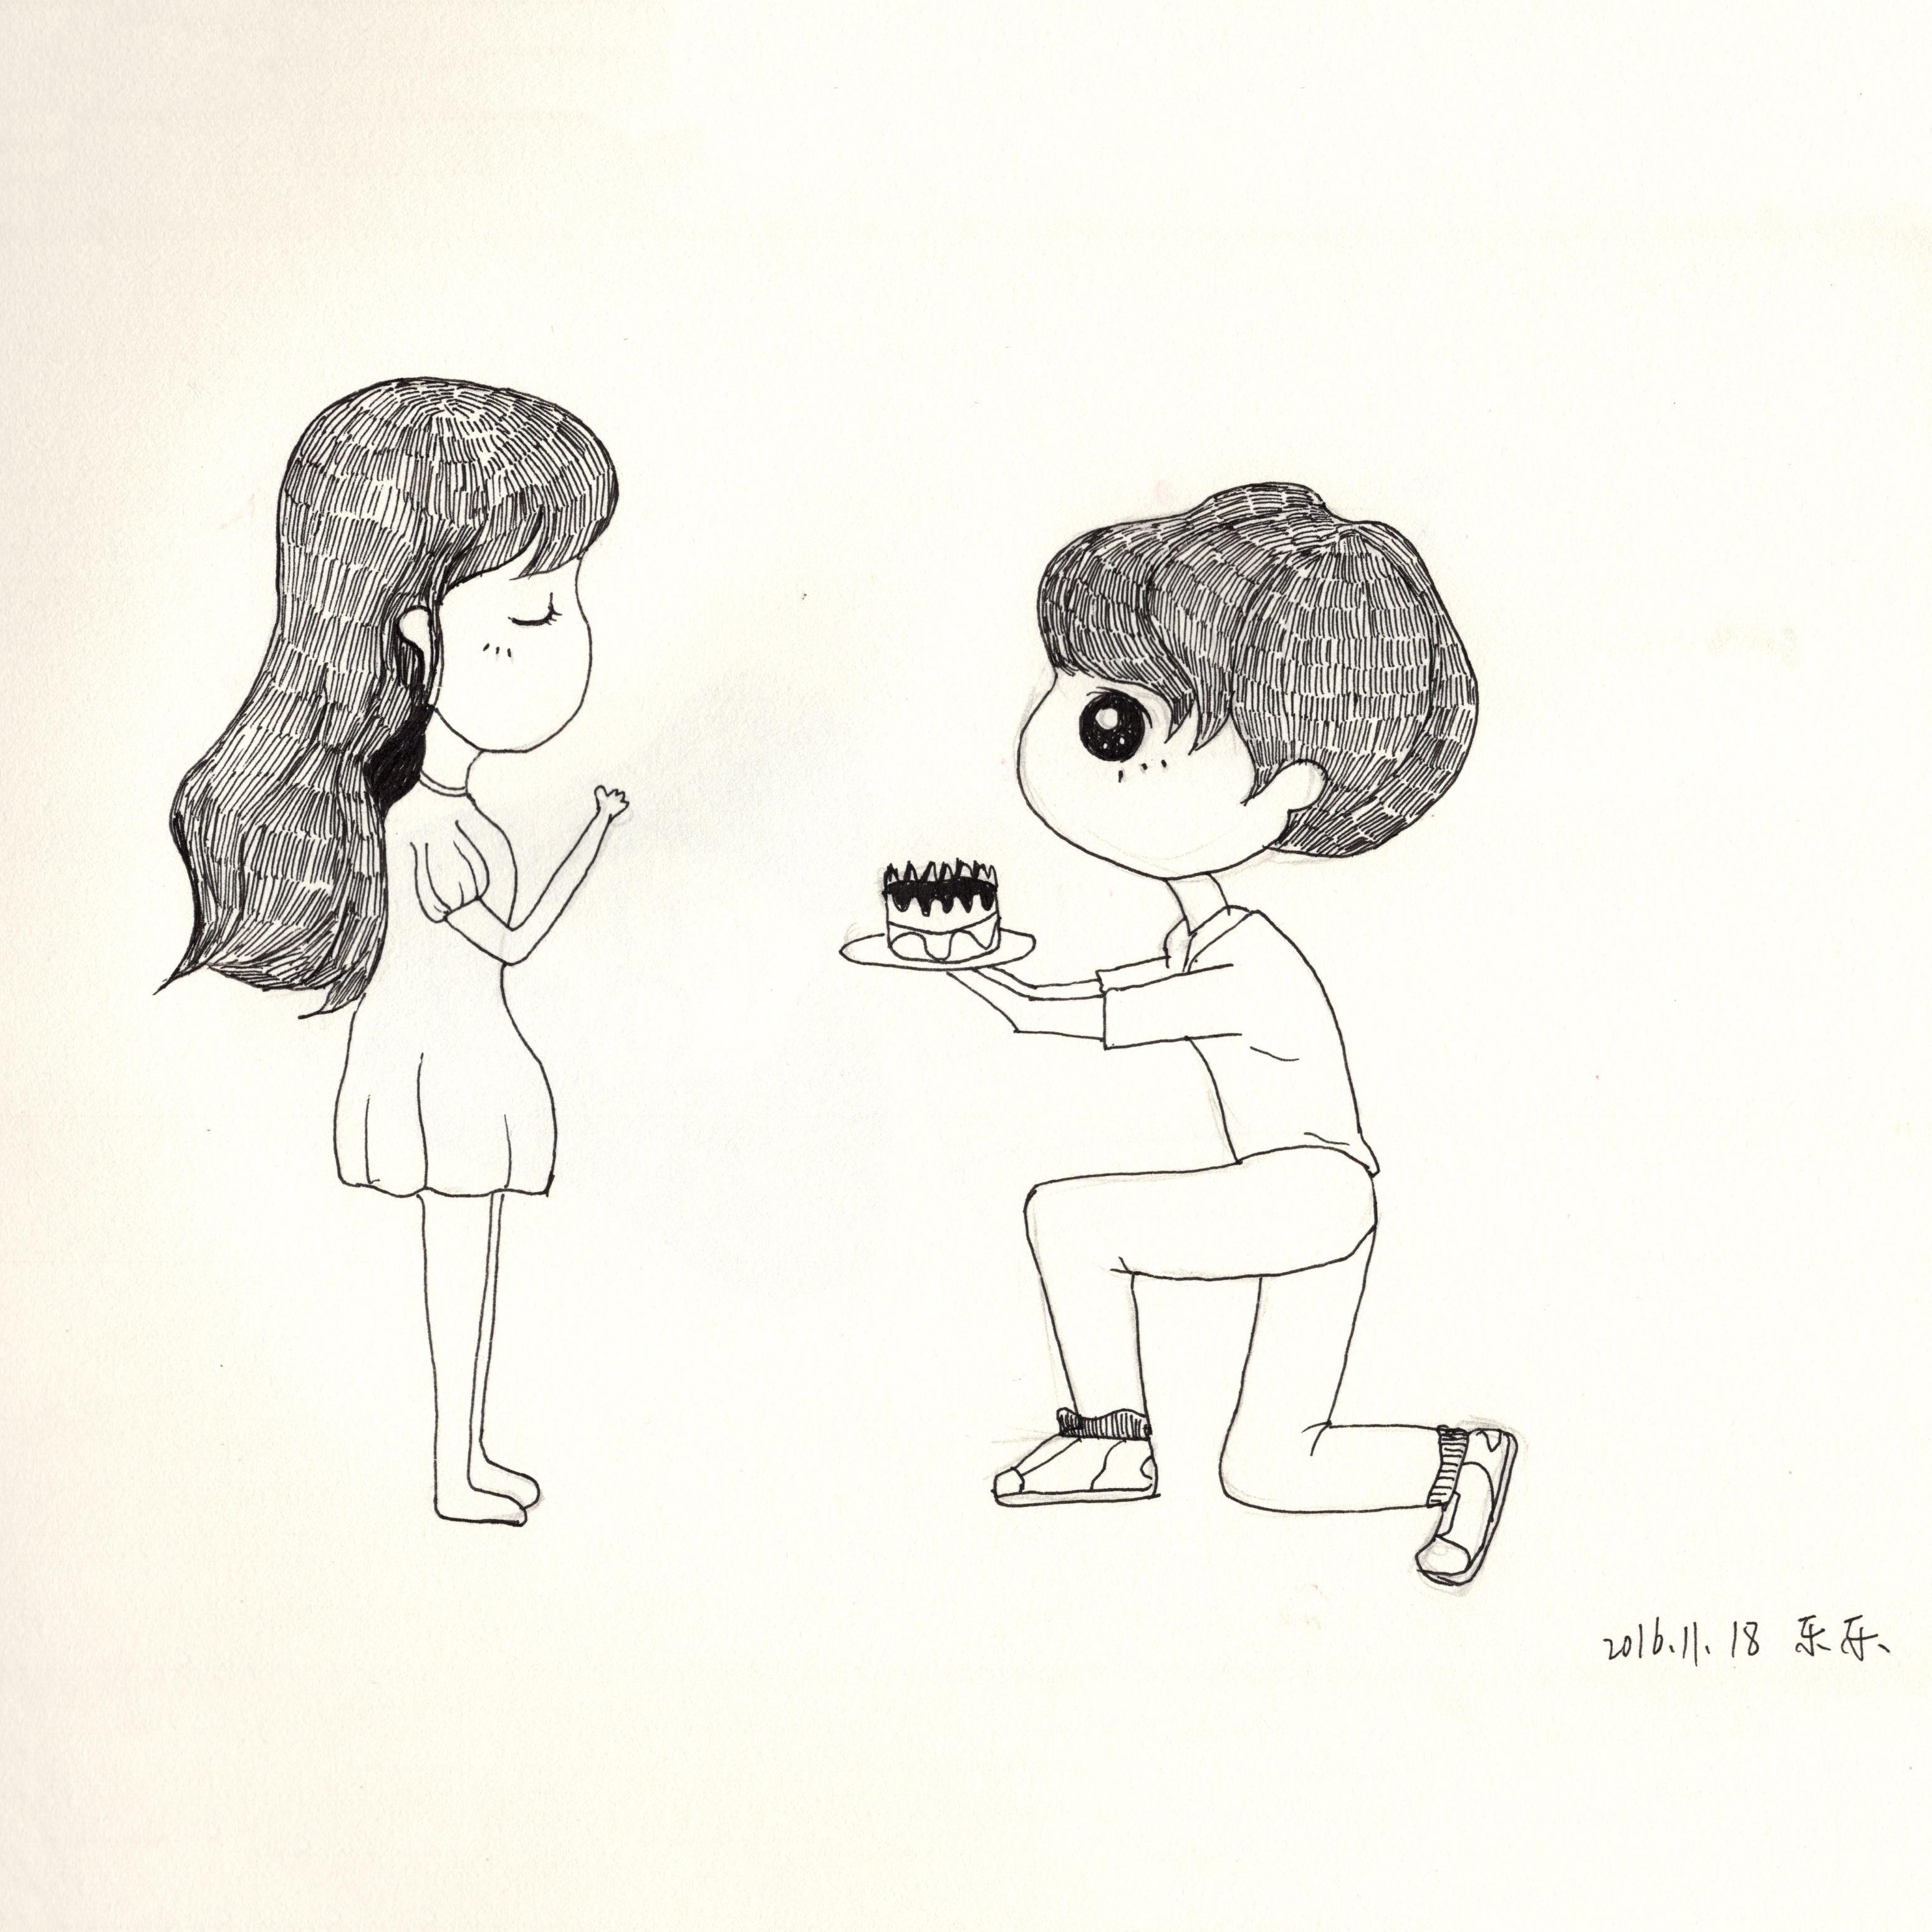 手绘-人物篇|插画|其他插画|乐幽子 - 原创作品